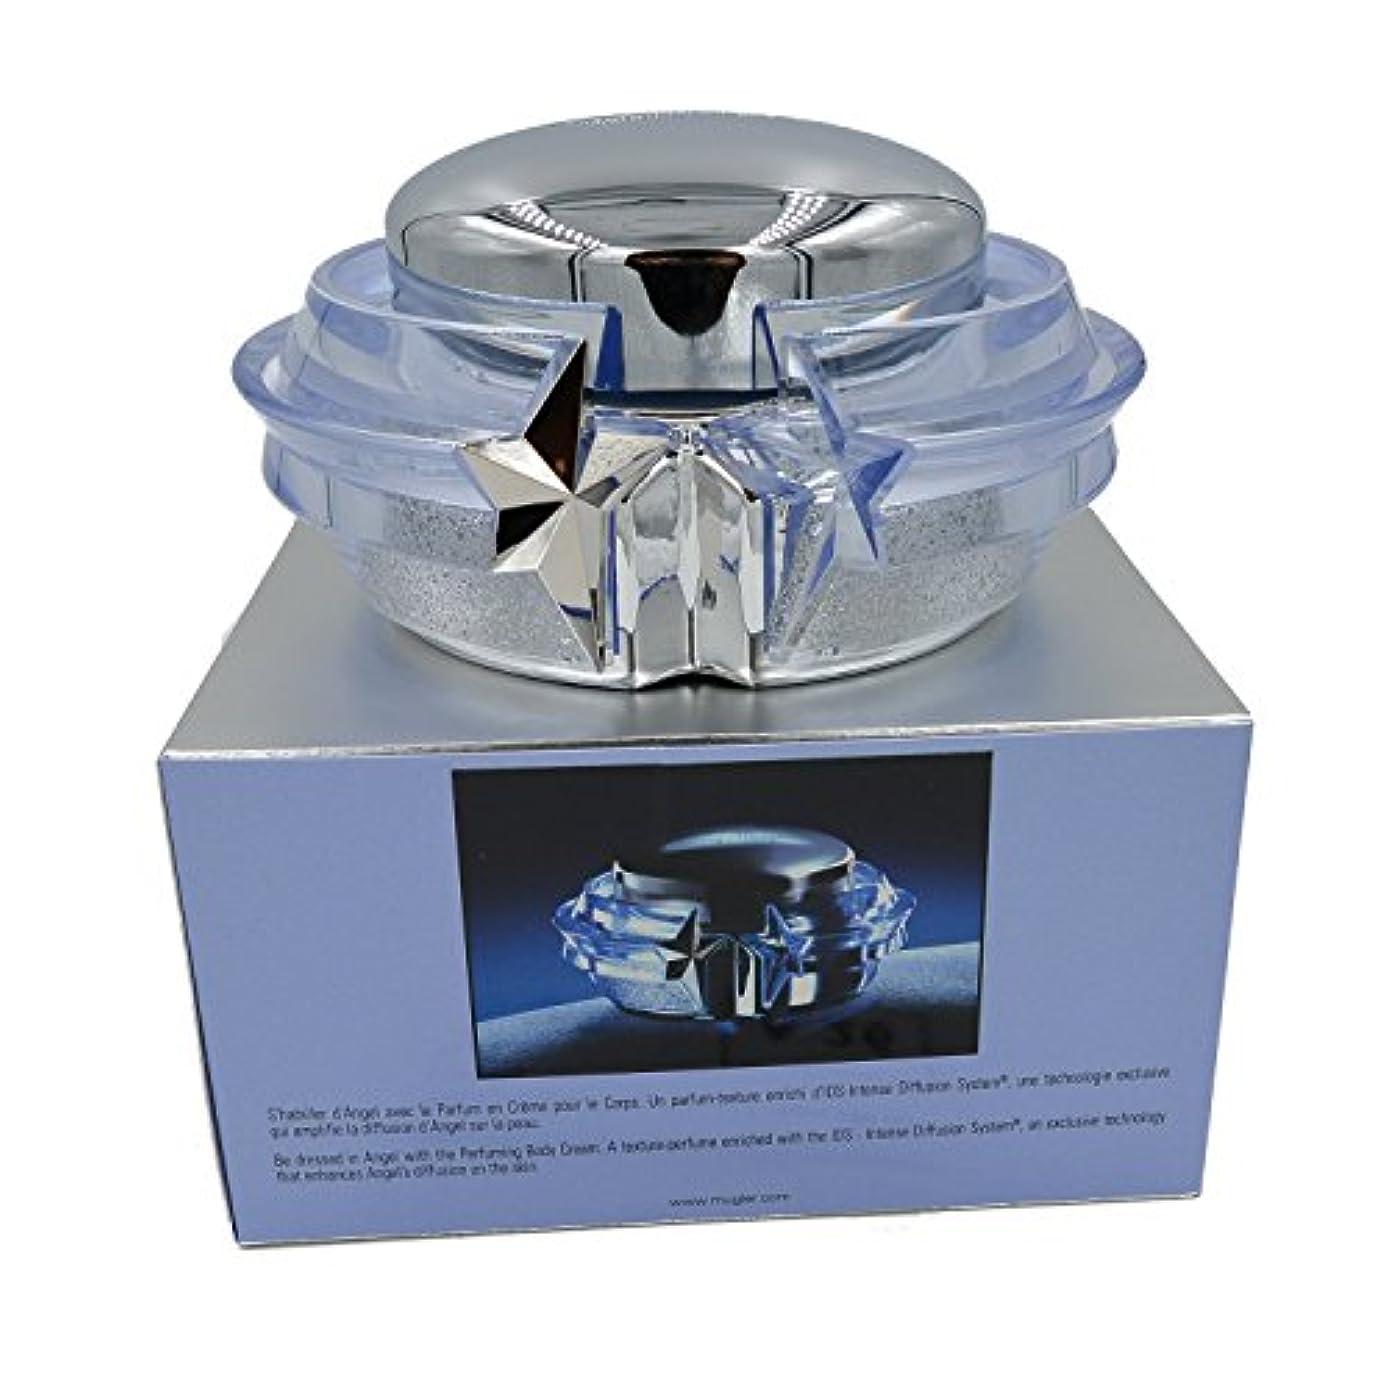 サイトリップ放牧するThierry Mugler ANGEL body lotion 200ml [海外直送品] [並行輸入品]